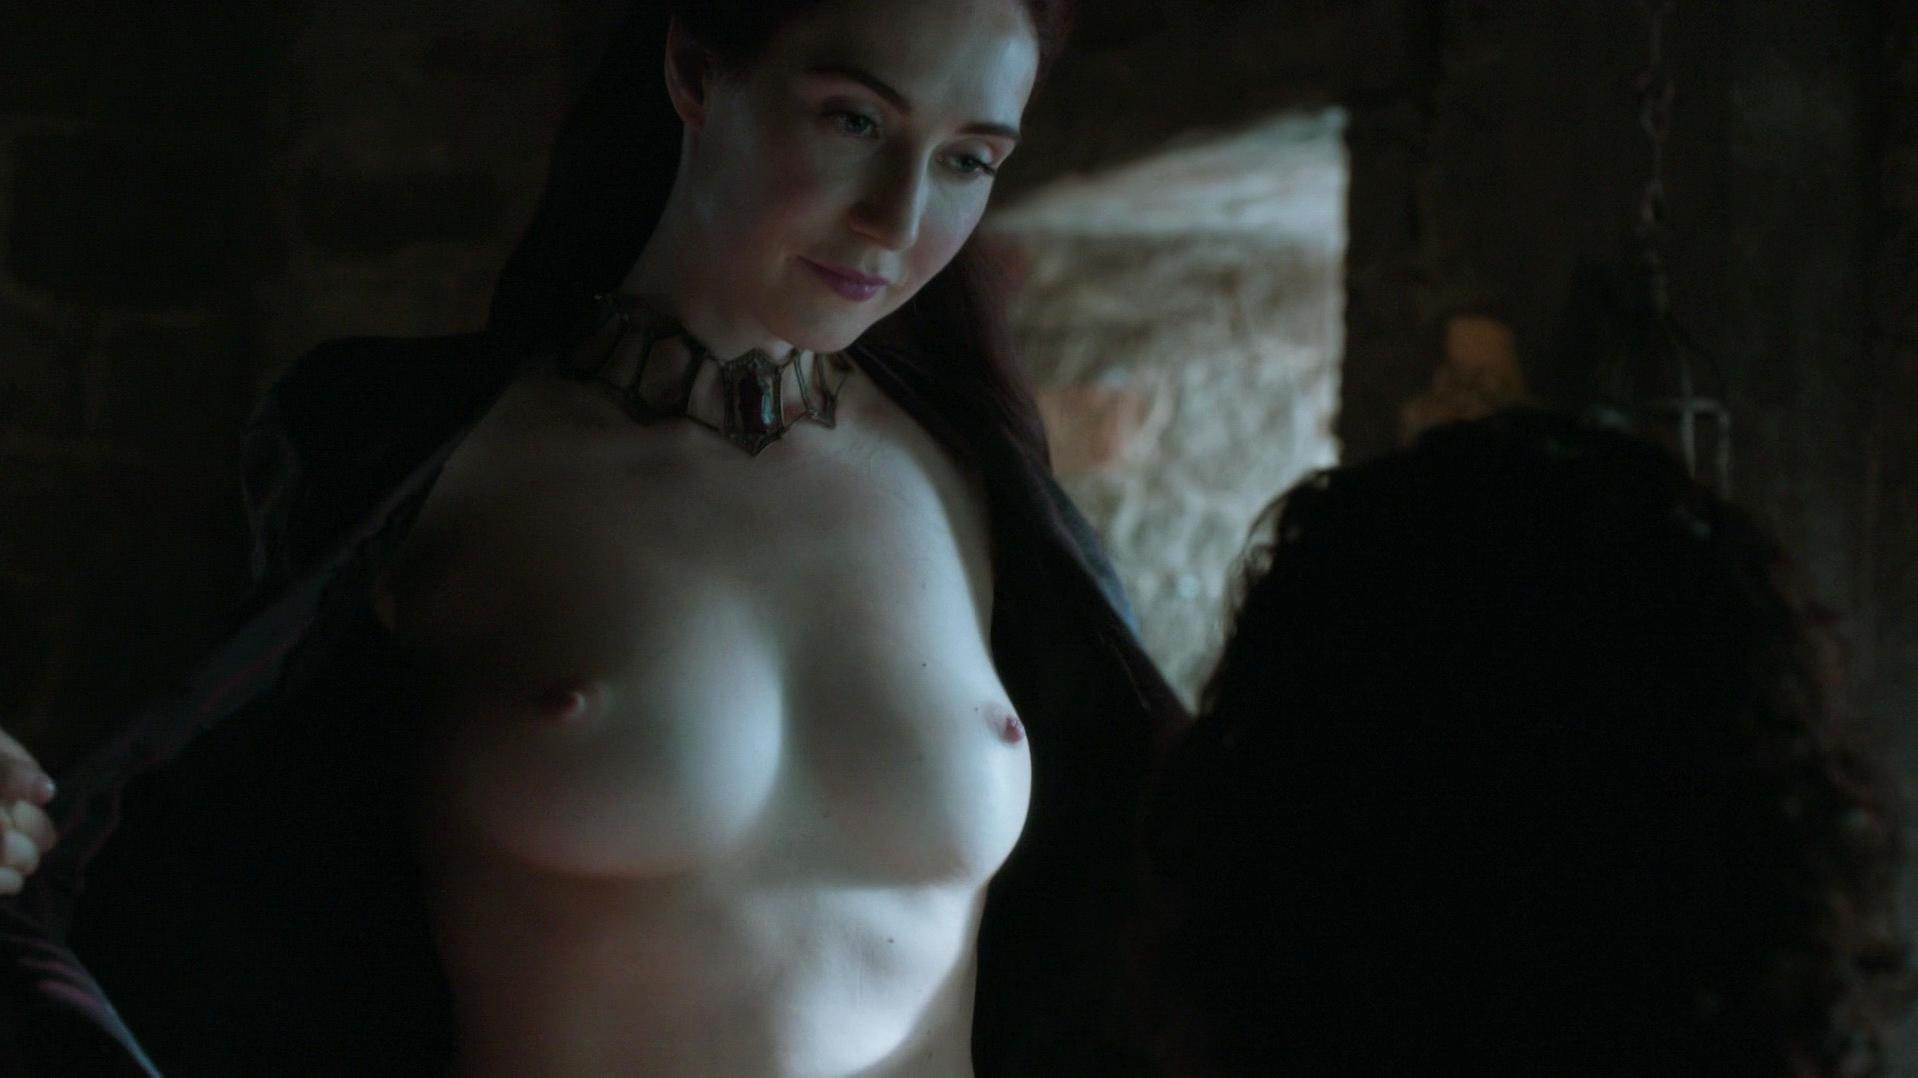 Carice van Houten nude, Josephine Gillan nude - Game of Thrones s05e04 (2015)